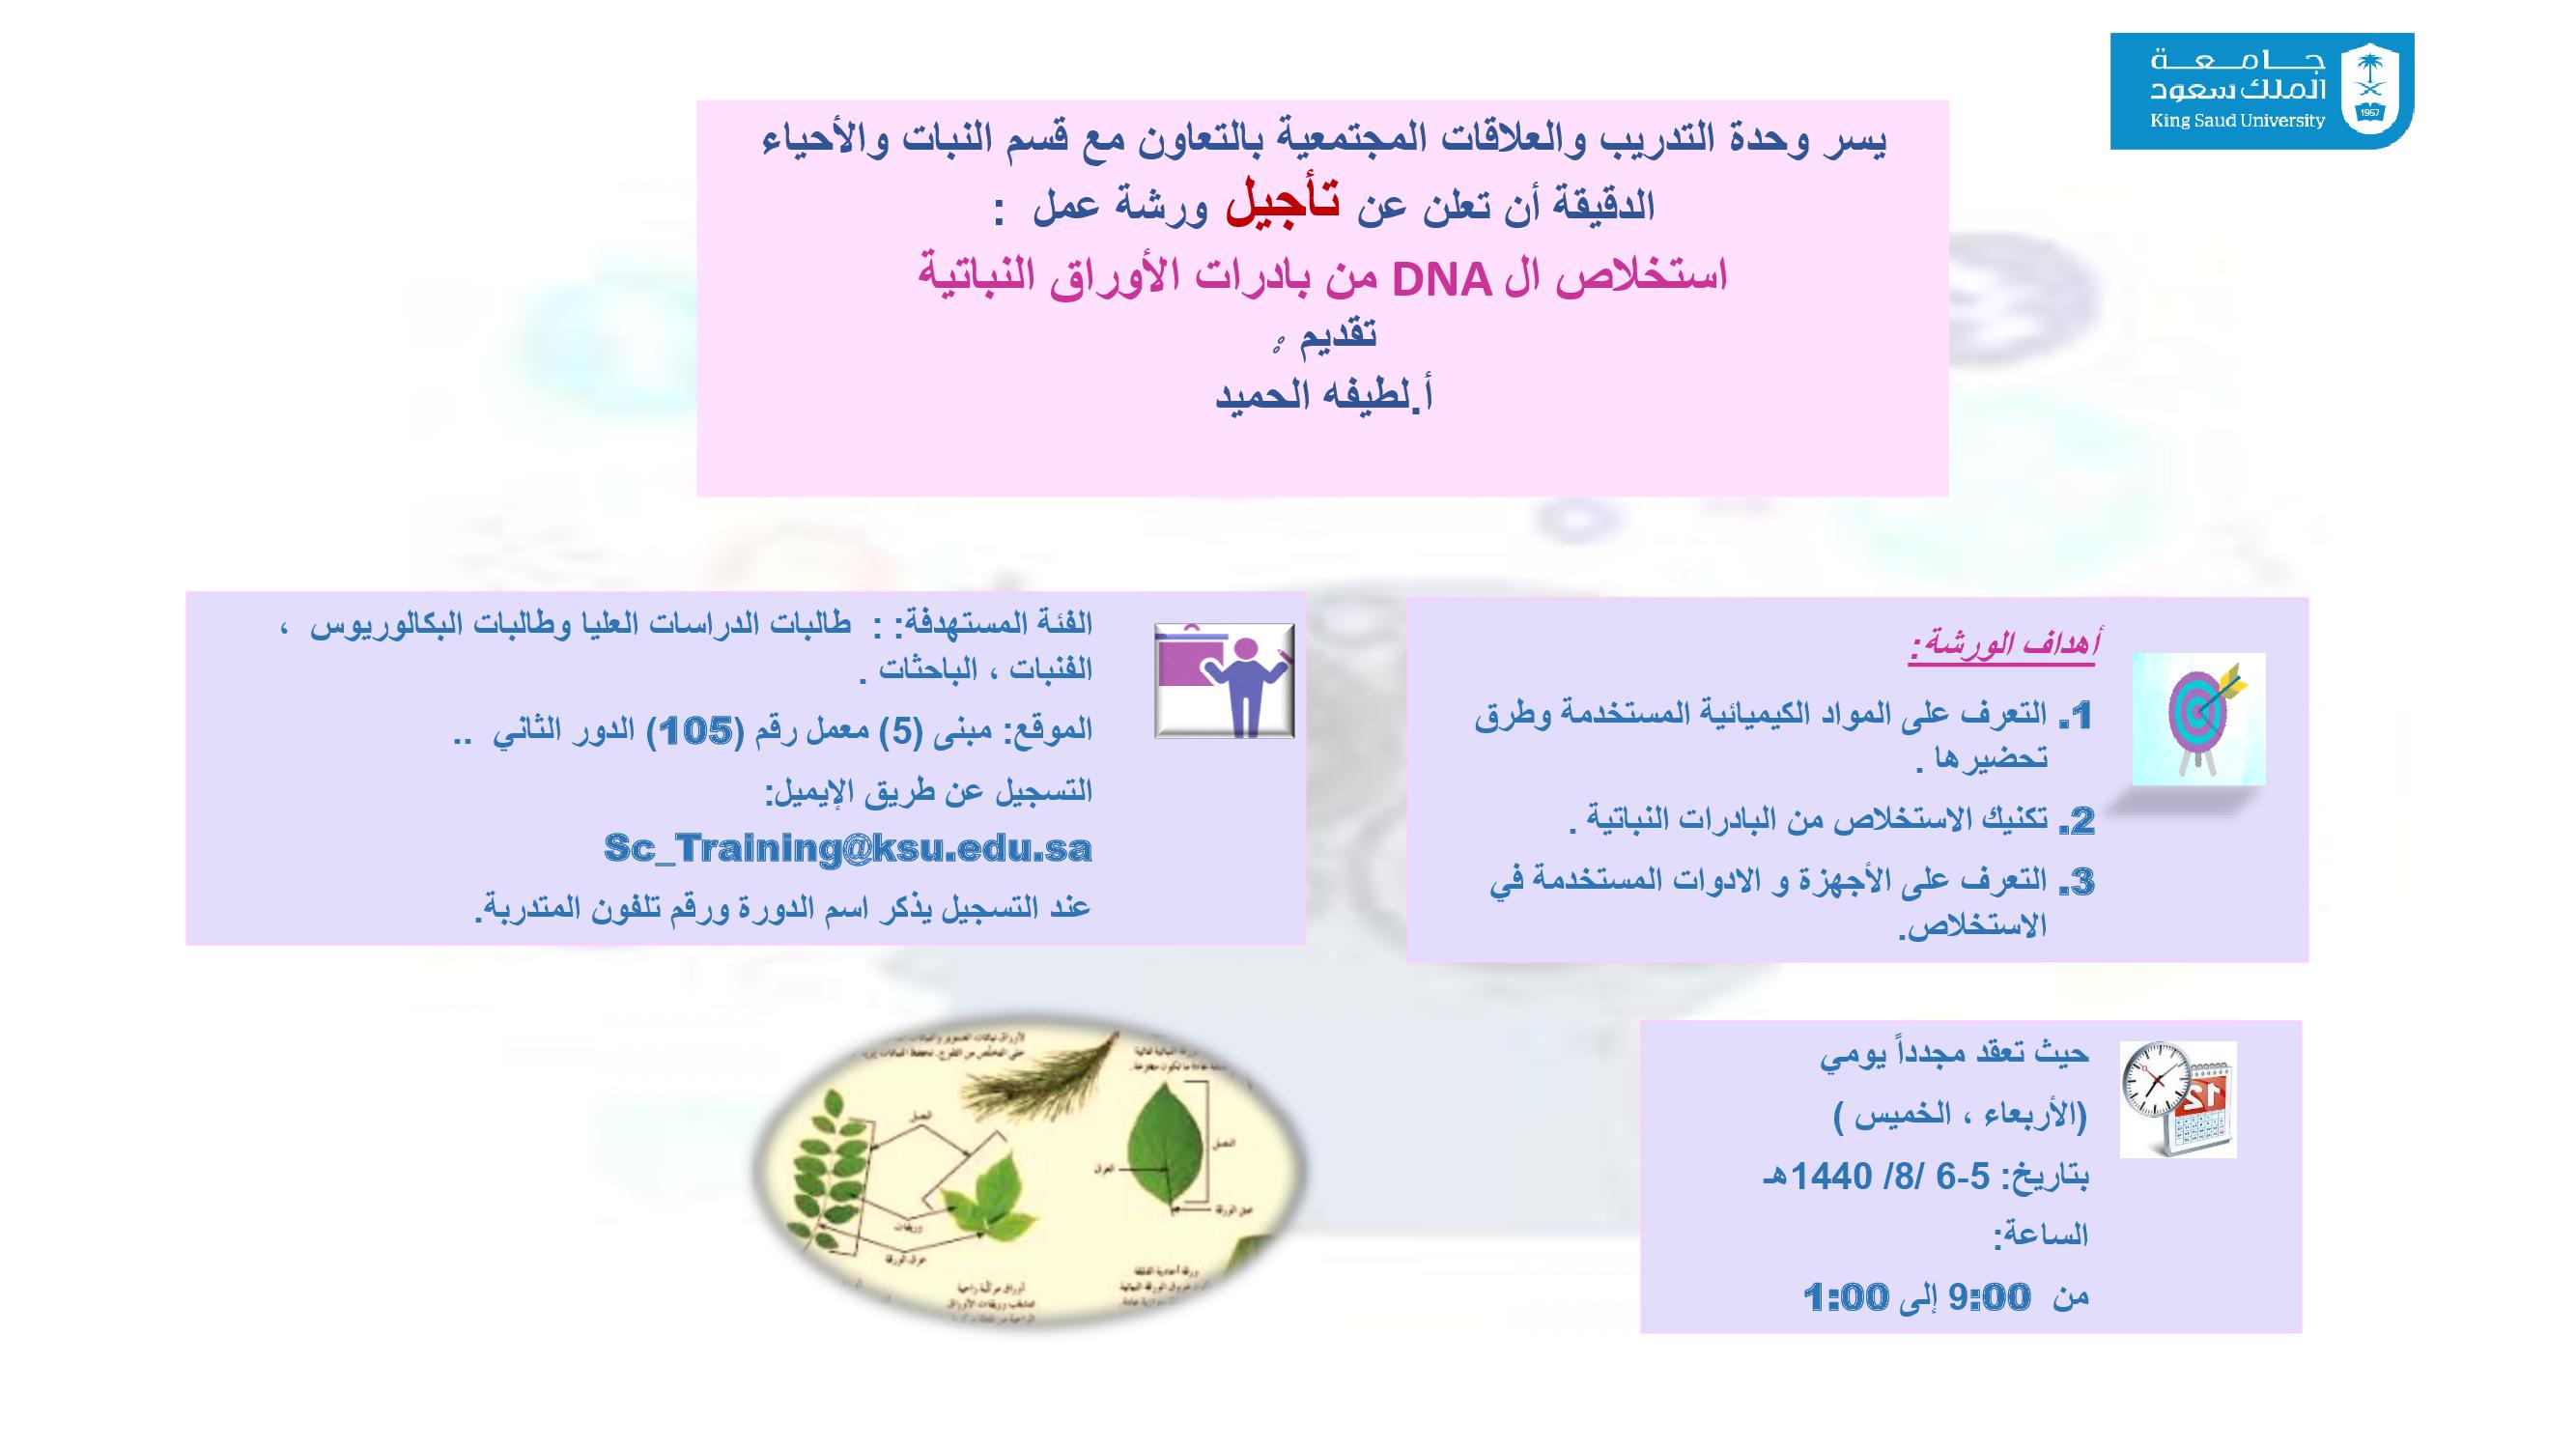 استخلاص الDNA  من بادرات الأوراق النباتية